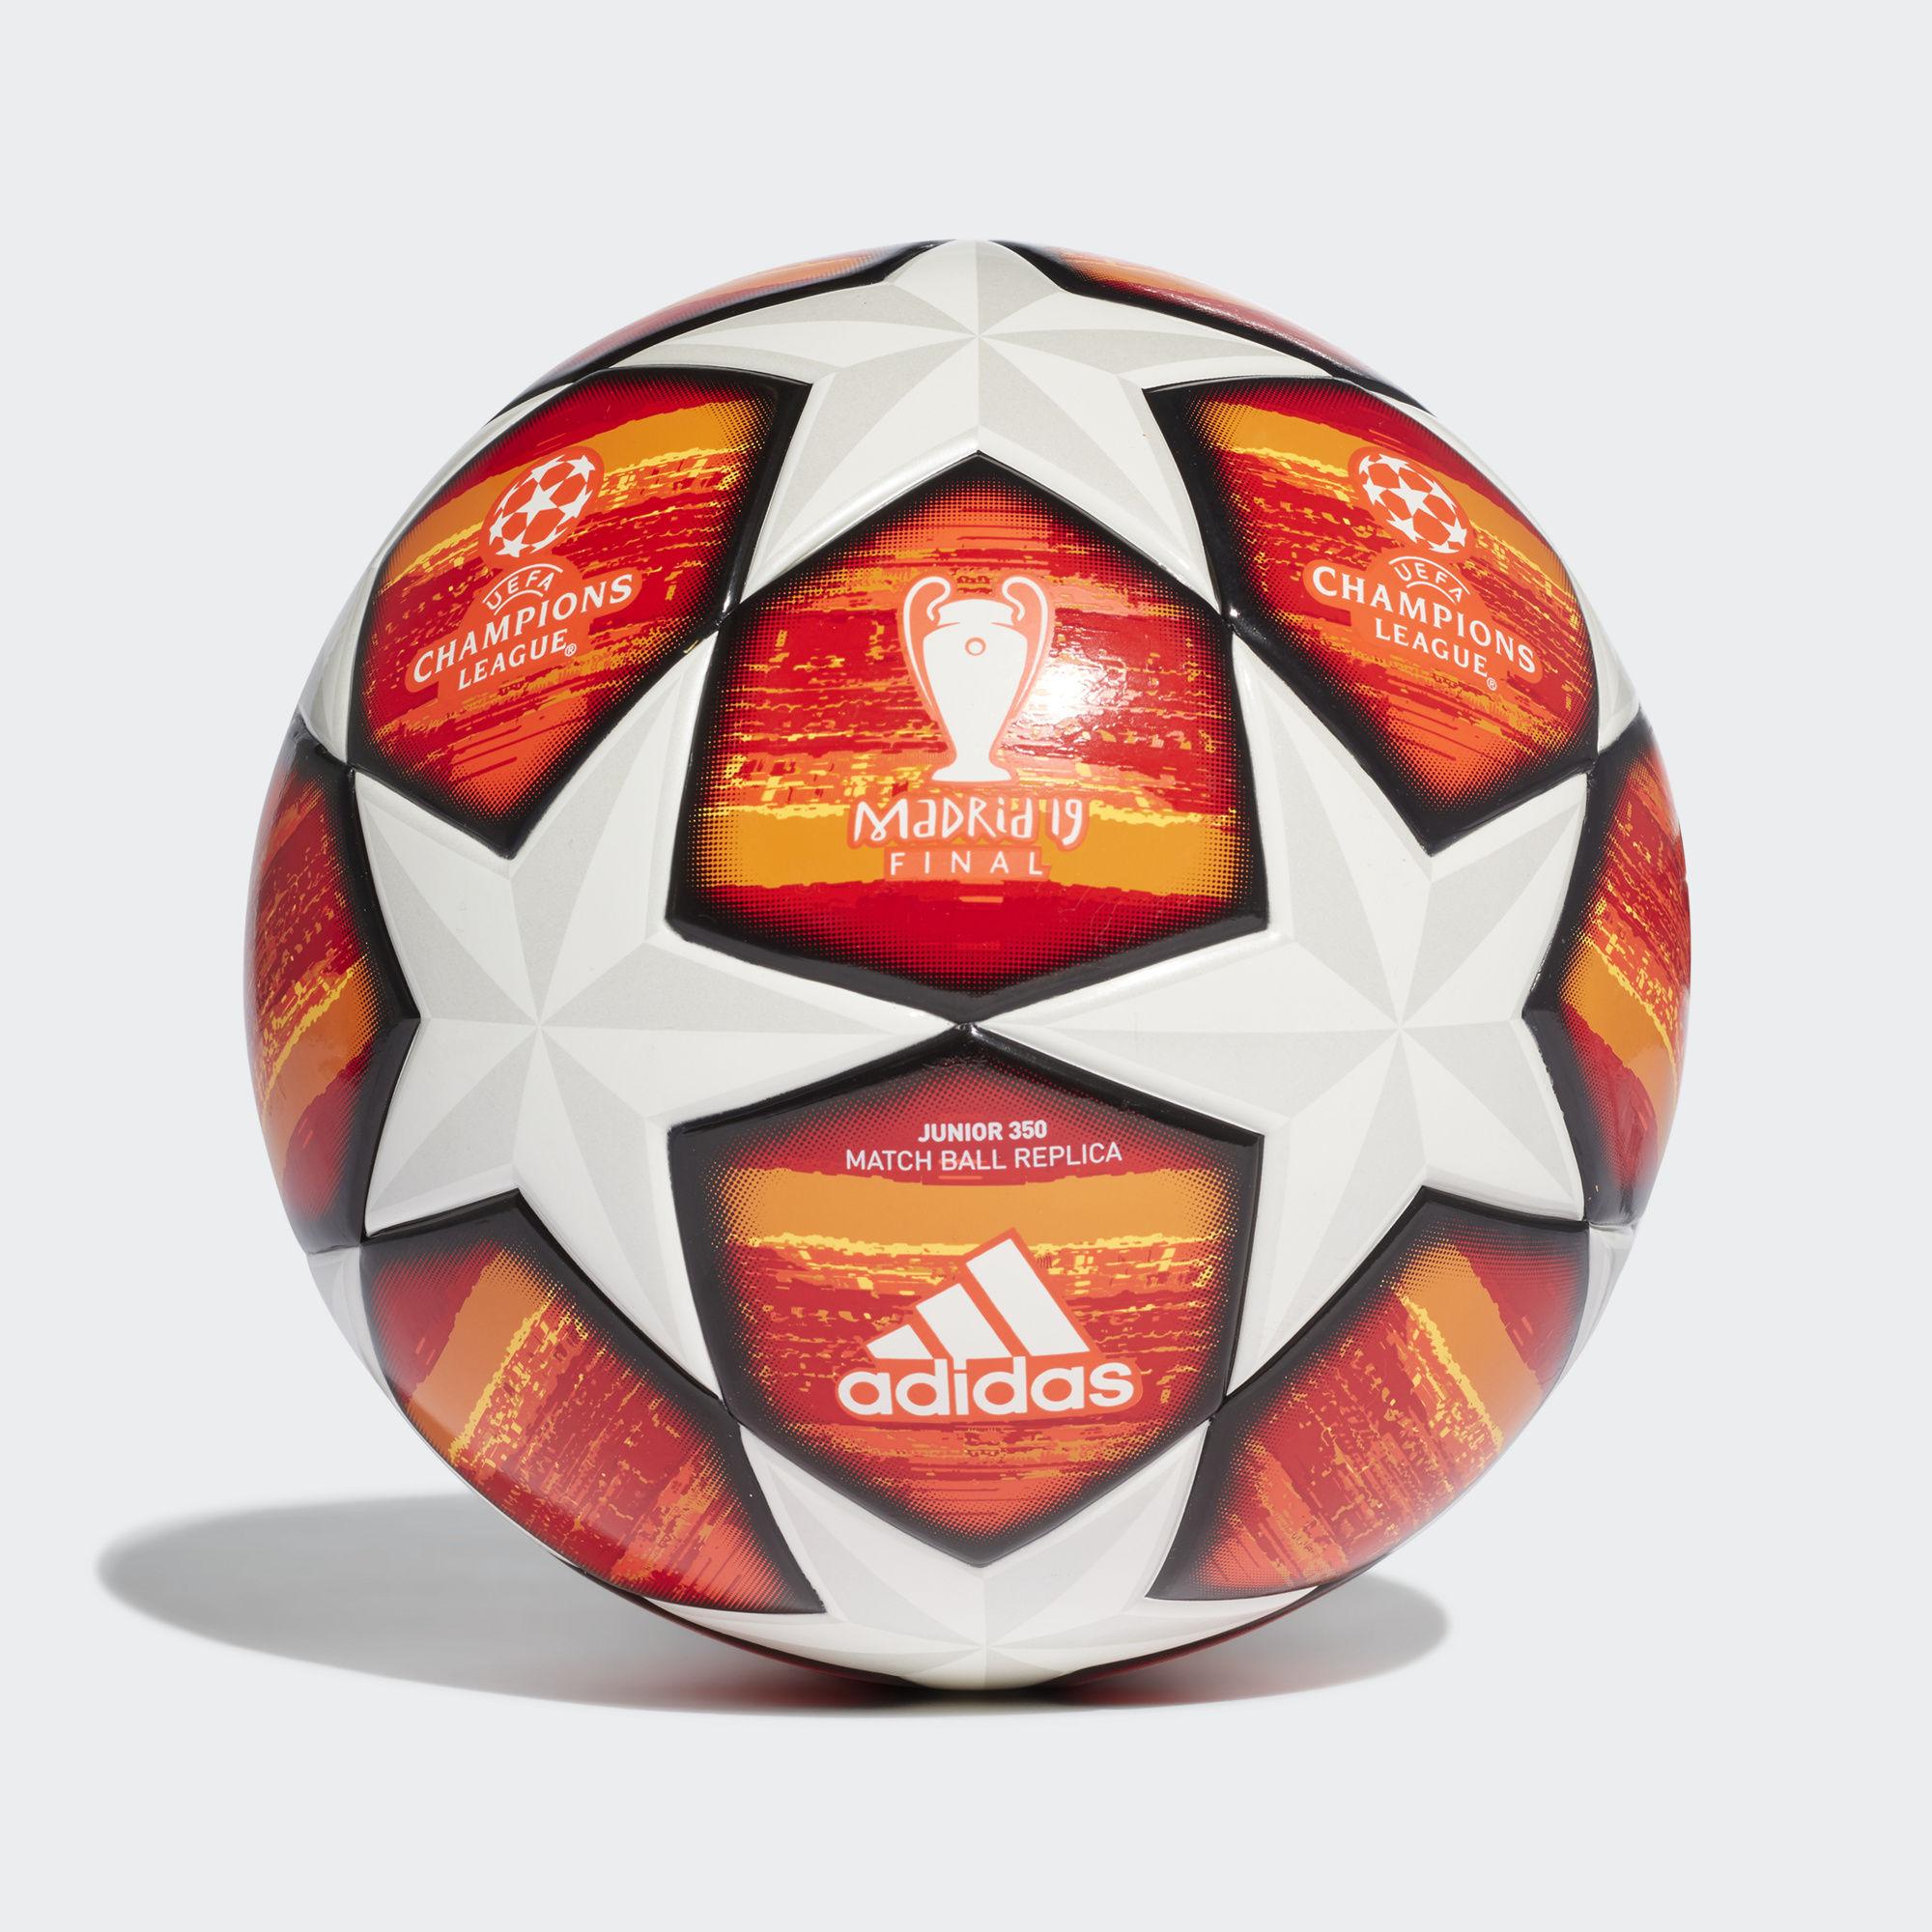 Футбольный мяч Лига чемпионов УЕФА Finale Madrid Junior 350 DN8681 adidas  Performance - Украина  3fb05d3fc577e